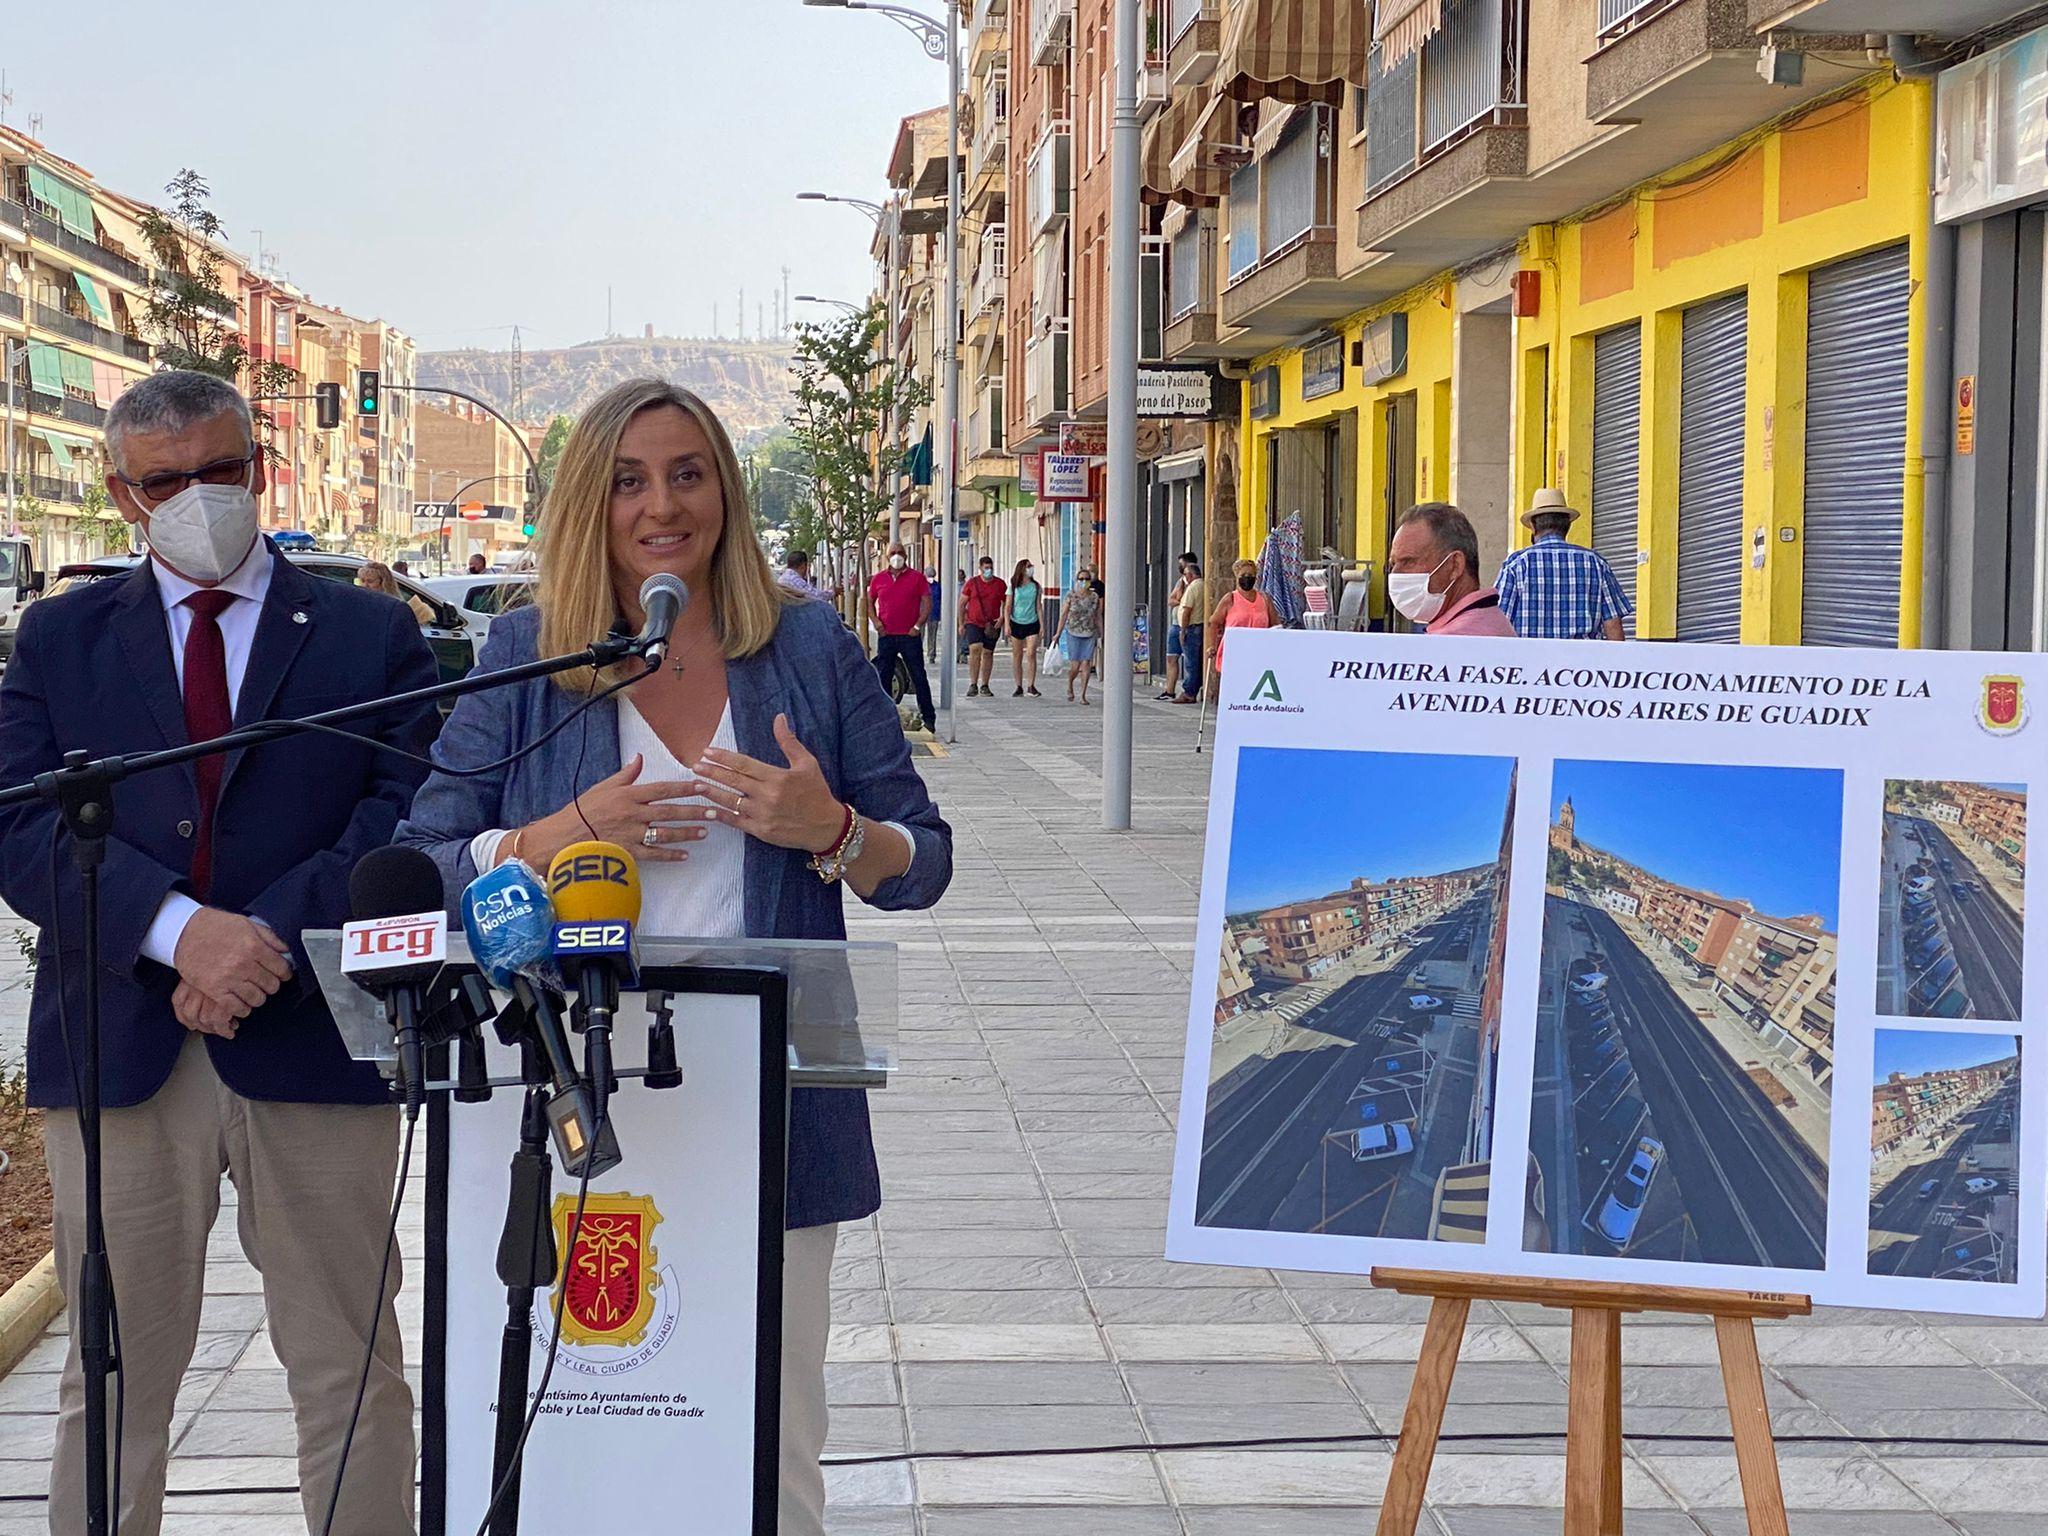 Finalizada la primera fase de la remodelación de la avenida Buenos Aires de Guadix